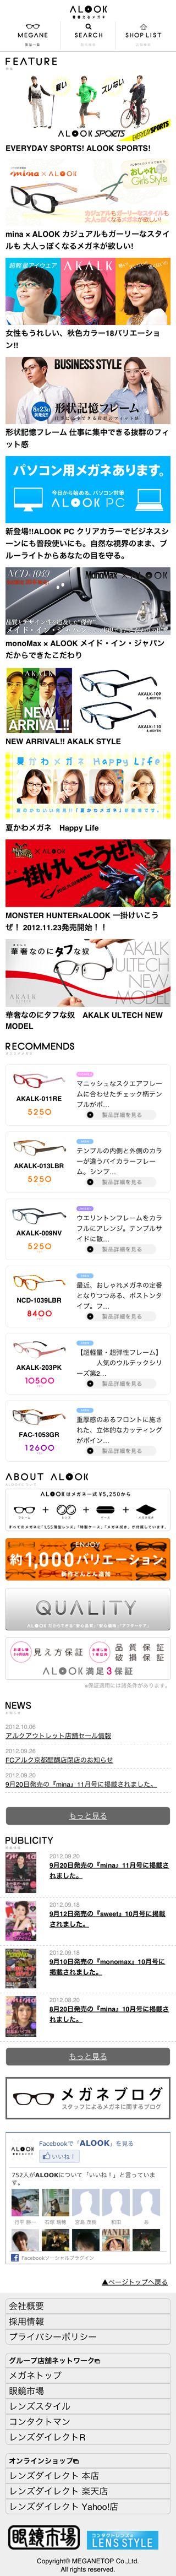 スマートフォンサイト デザイン集 AGT smartphone design gallery